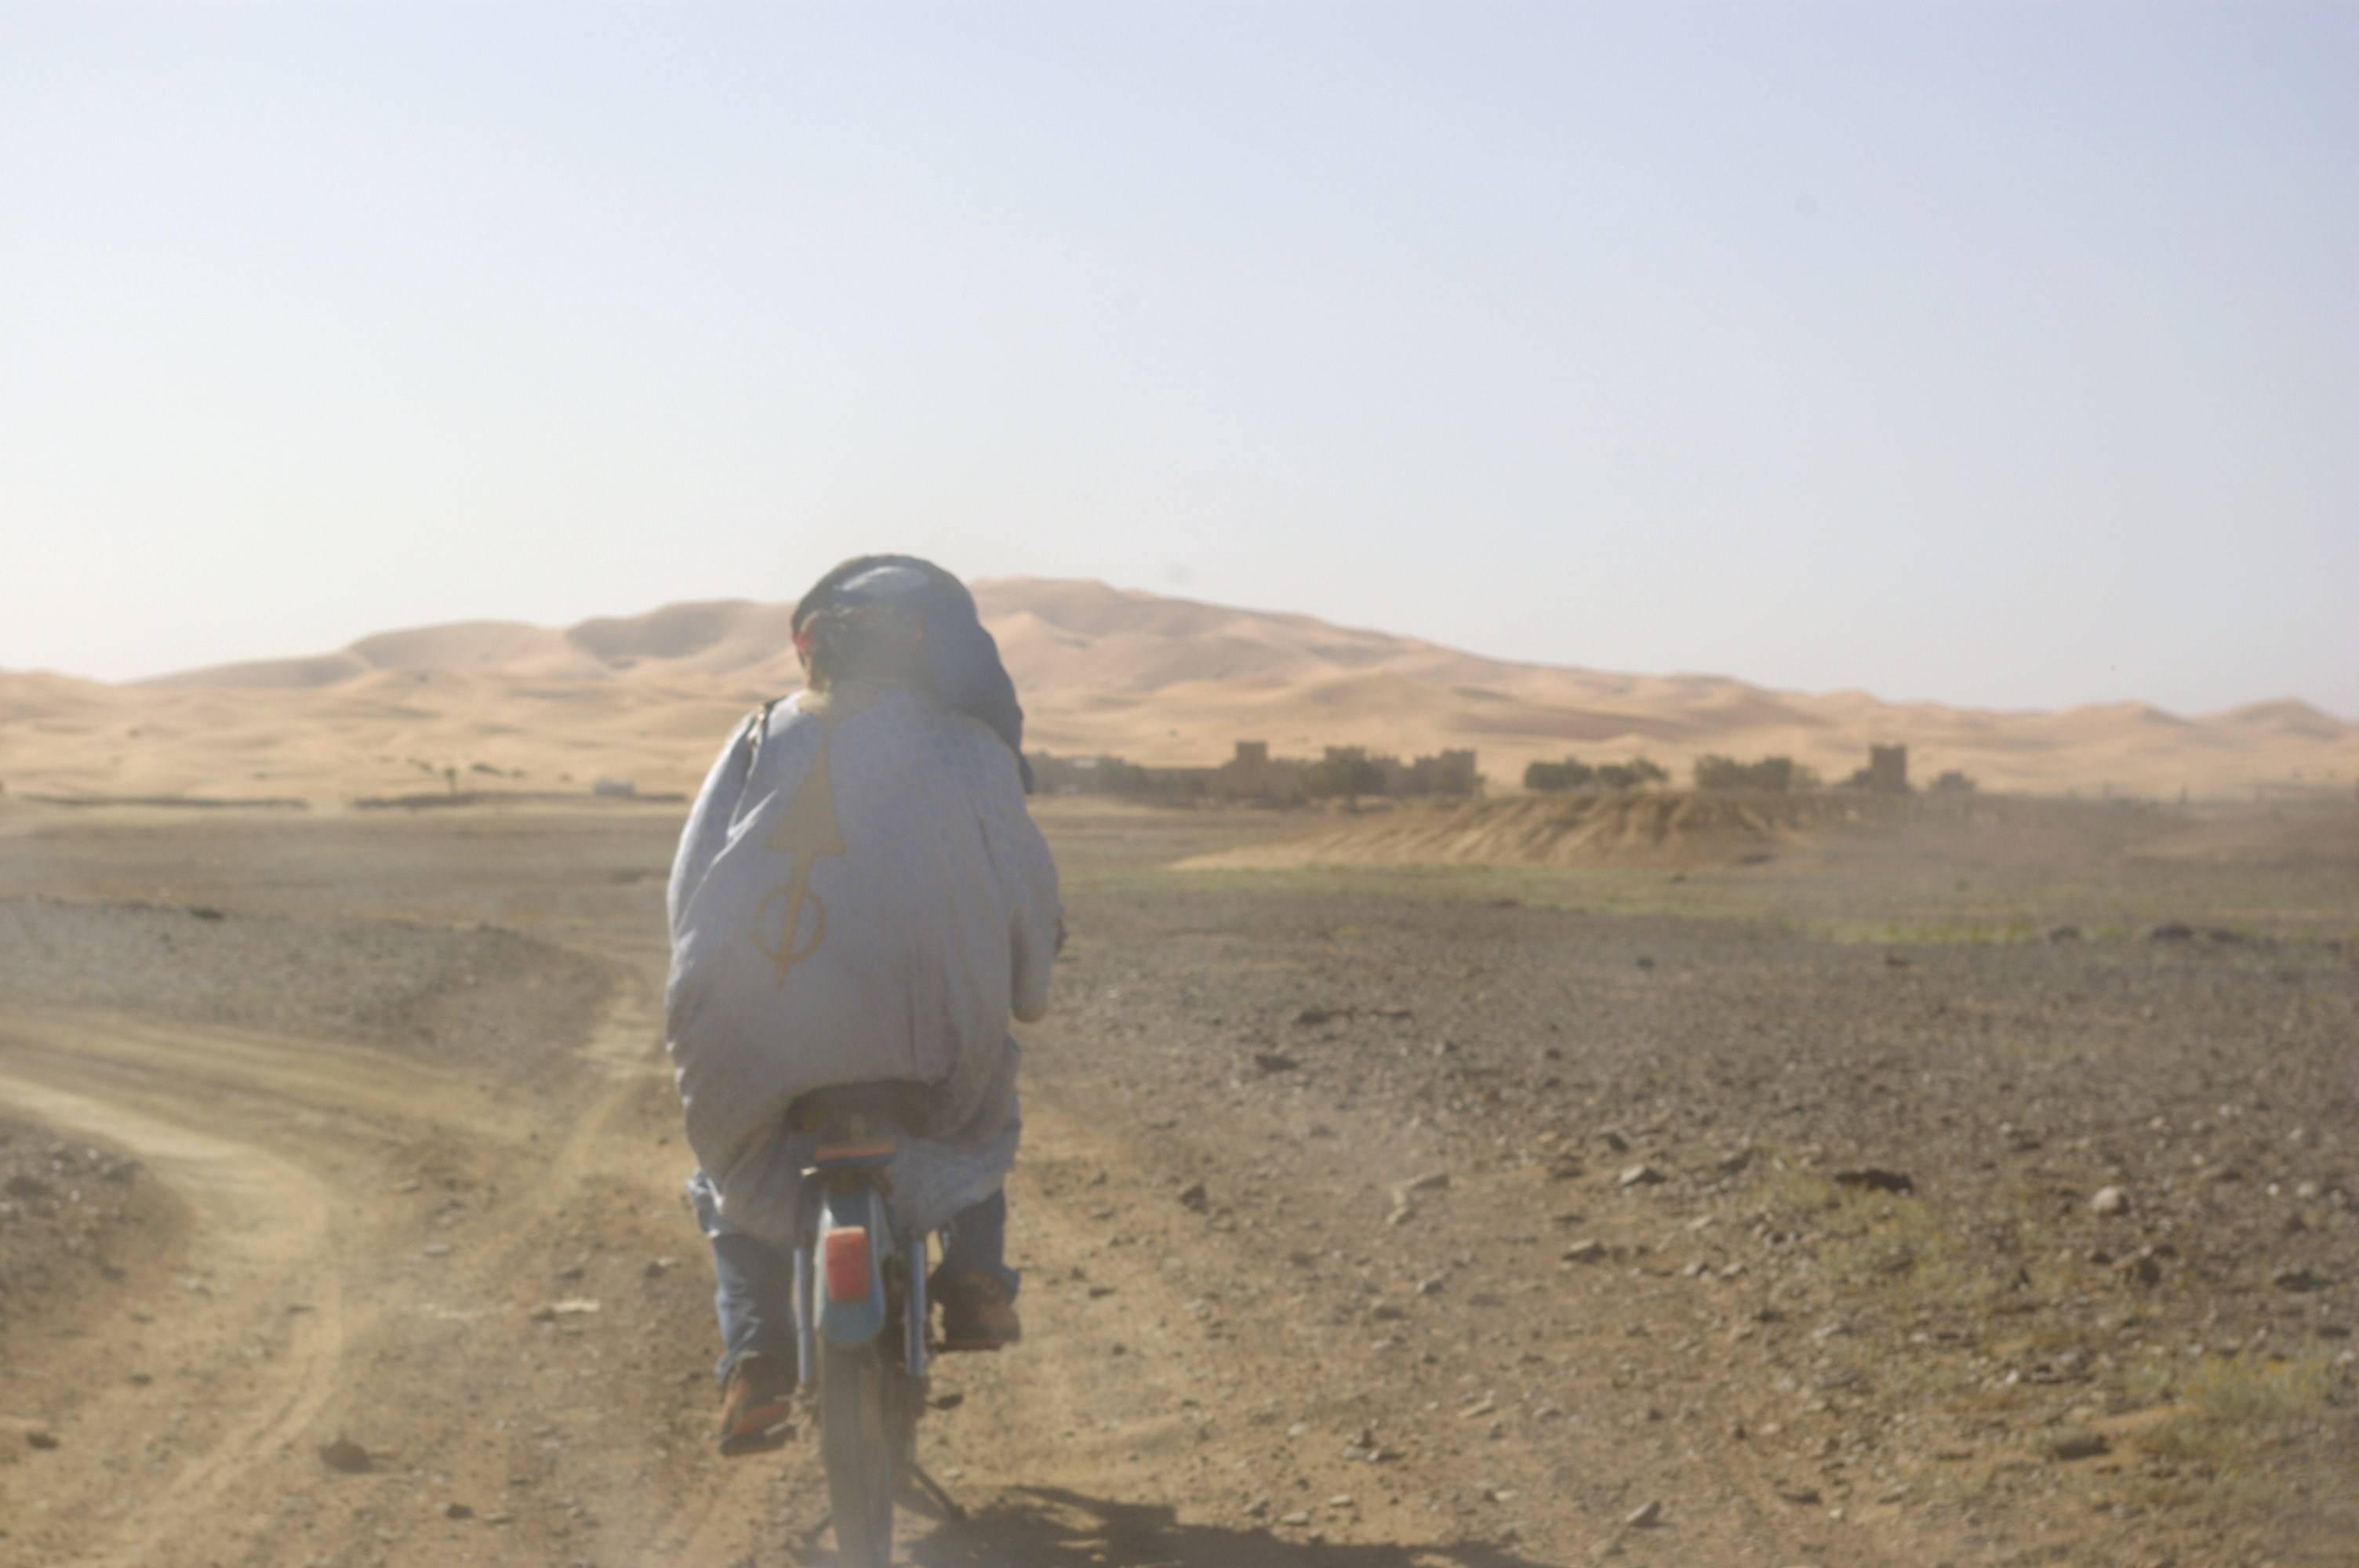 Photo 1: Merzouga, ses dunes et ses dromadaires